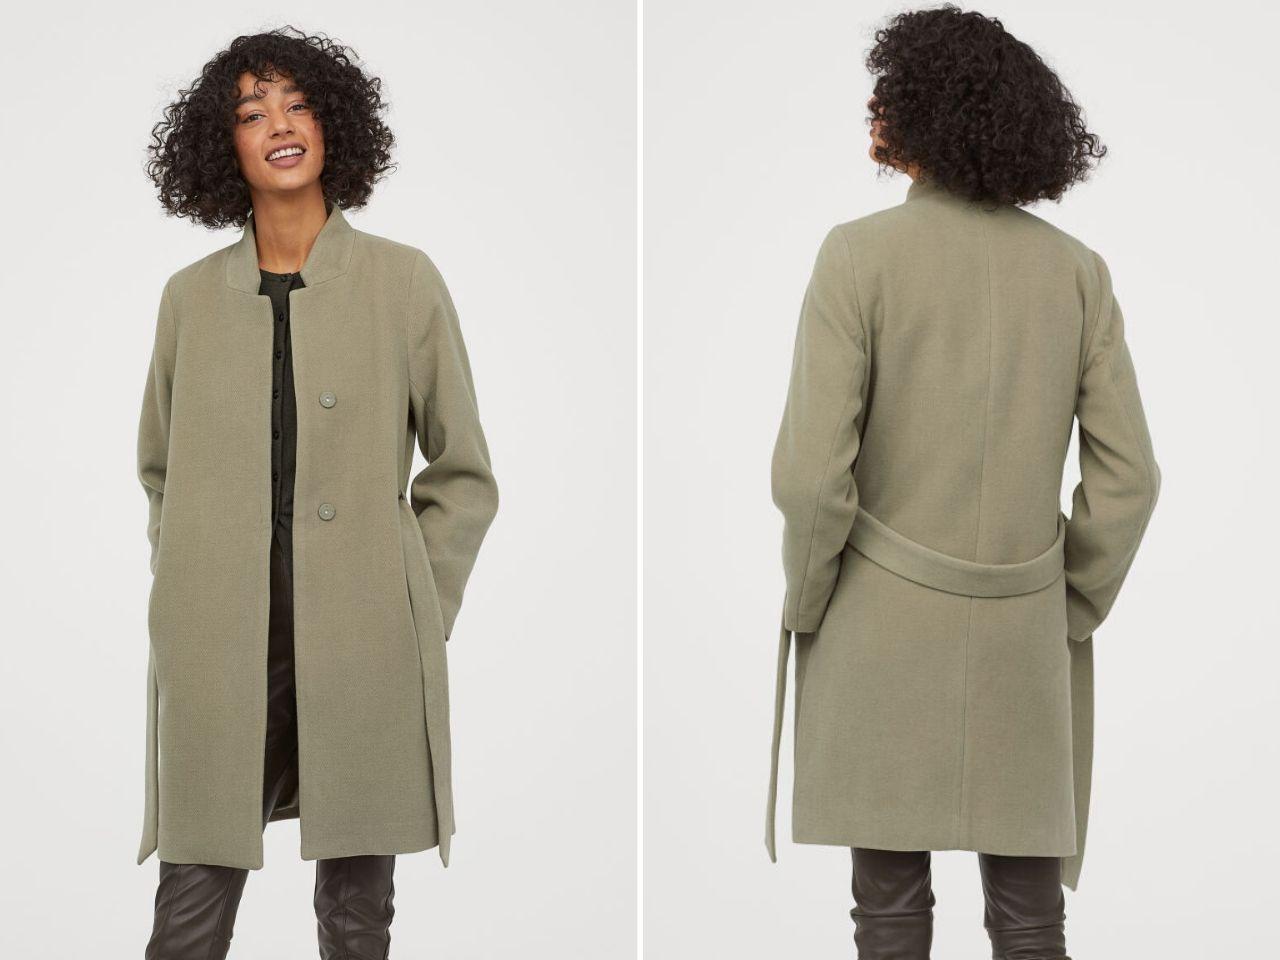 áo khoác kèm dây eo xanh nhạt - áo khoác thu đông